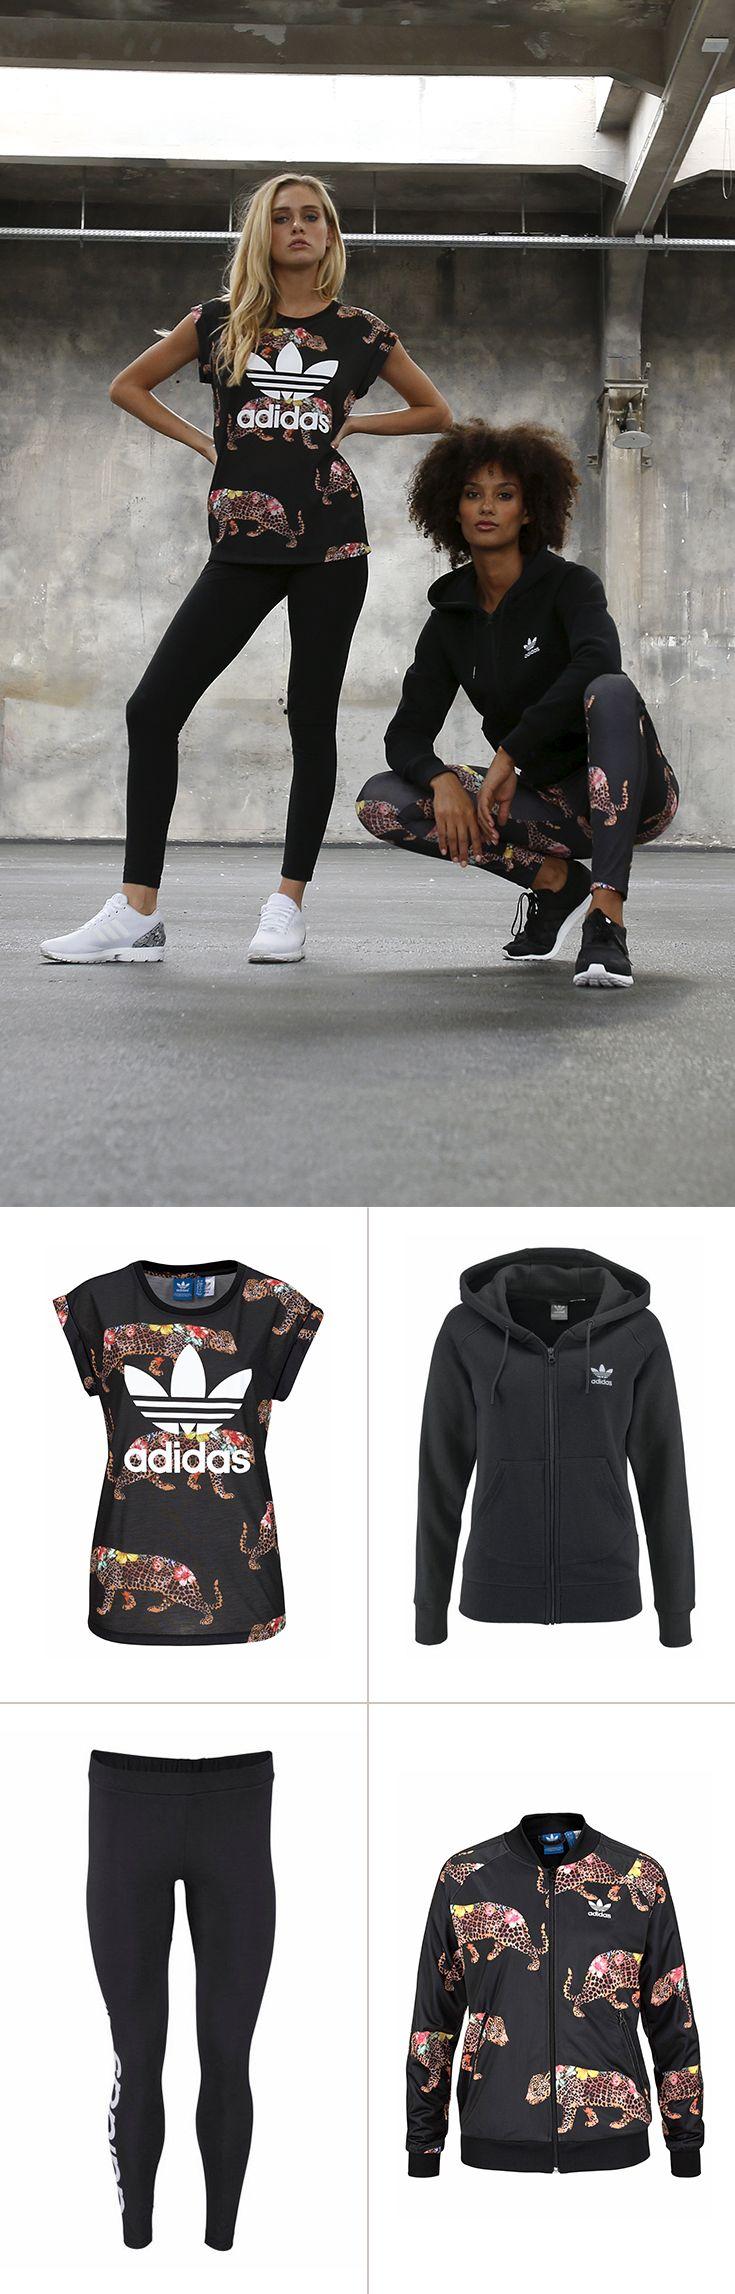 Du findest auch, dass Sport und Style unbedingt zusammengehören? Dann schau dir das an: Das adidas Originals-Shirt und die Sweatjacke begeistern mit dem außergewöhnlichen Animal-Frontprint – und sorgen in Kombination mit den schlichten Leggins für neidische Blicke im Studio.